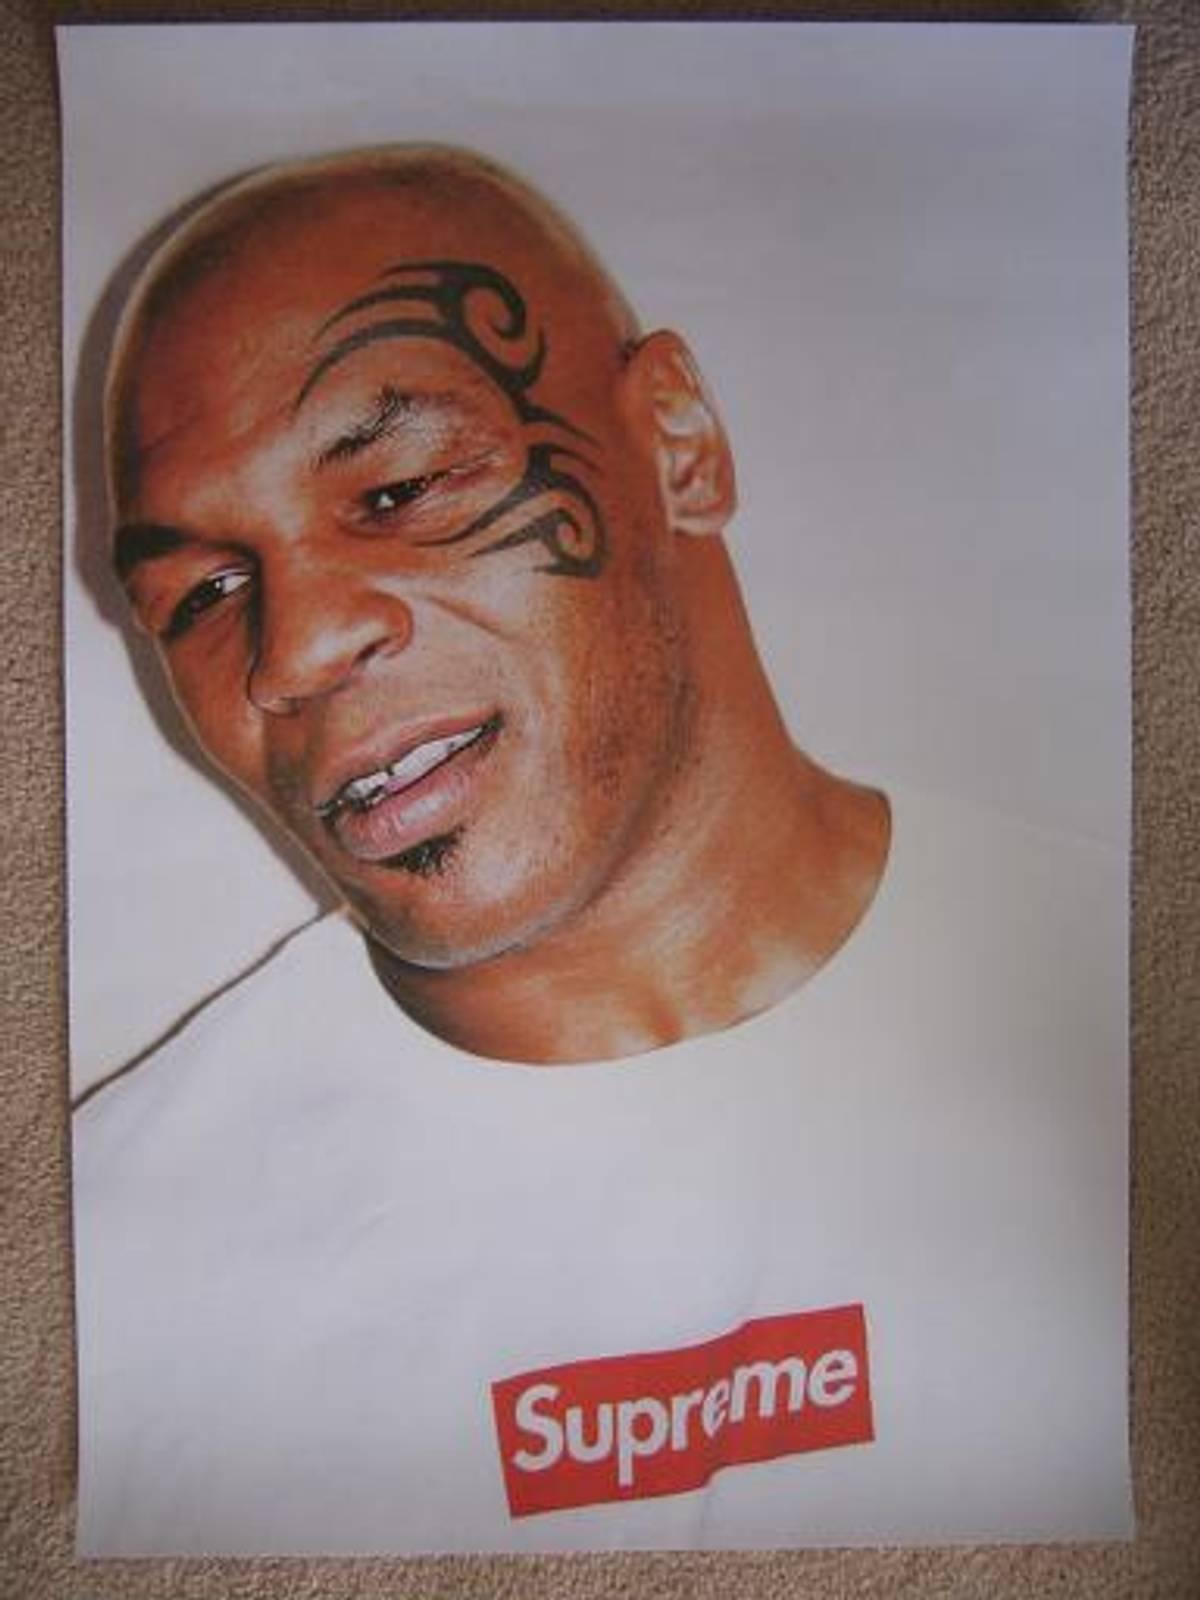 Supreme Mike Tyson Supreme Poster Grailed